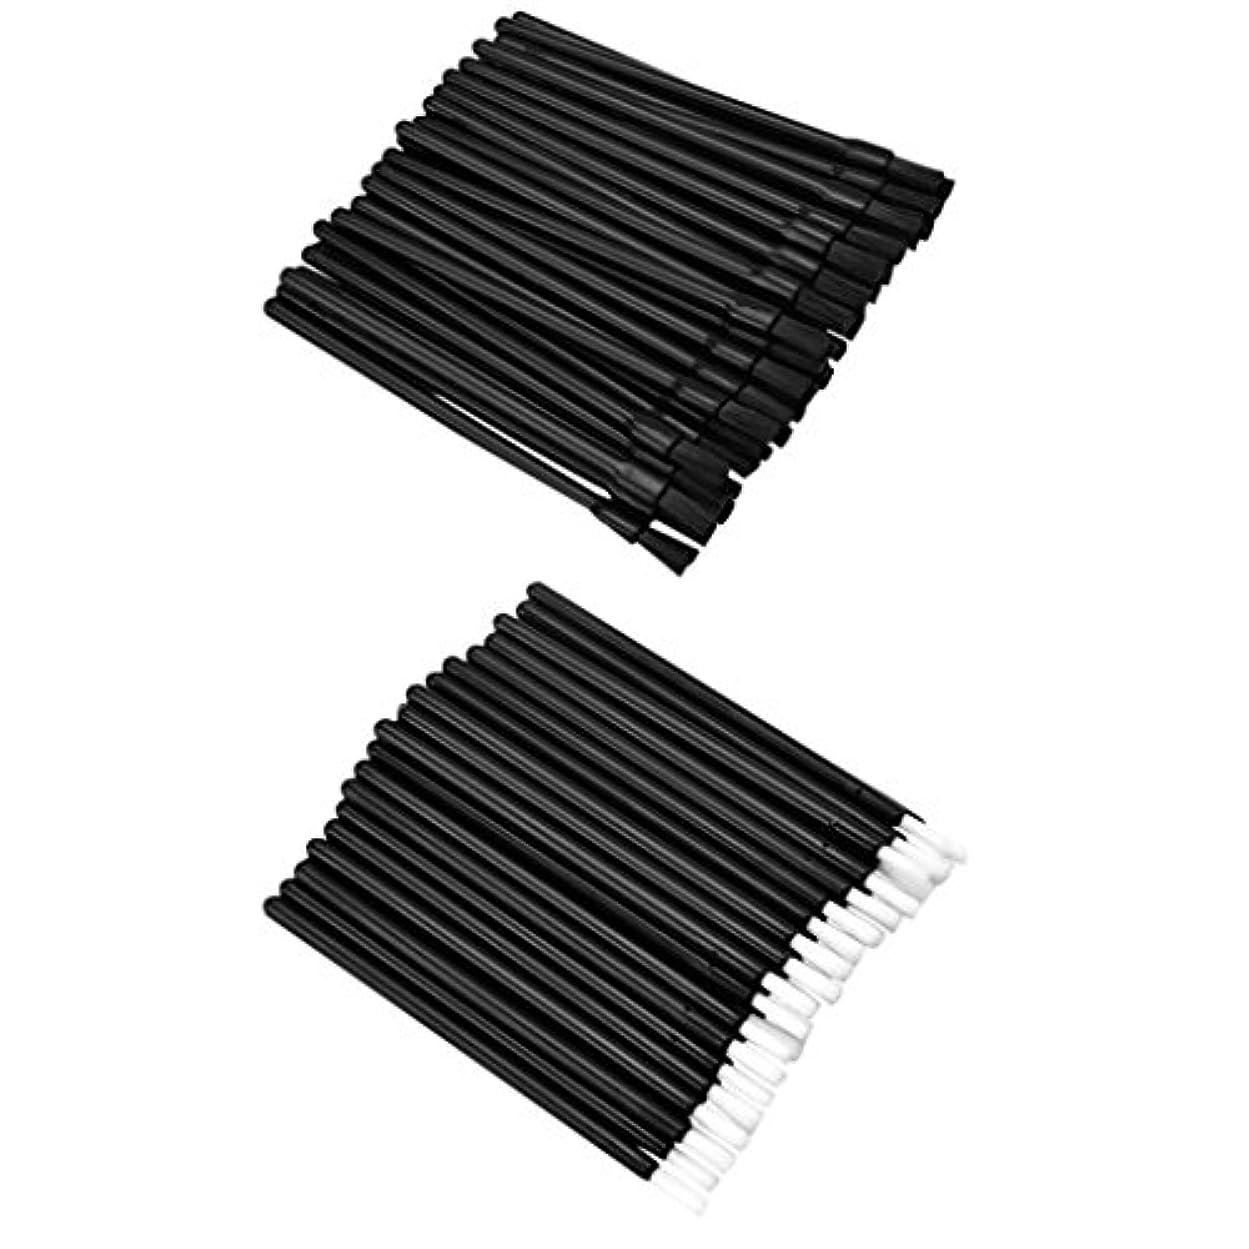 反響するむちゃくちゃわがままDYNWAVE リップブラシ ロット リップ ブラシ 使い捨て 繊維 リップ メイクブラシ 約100個